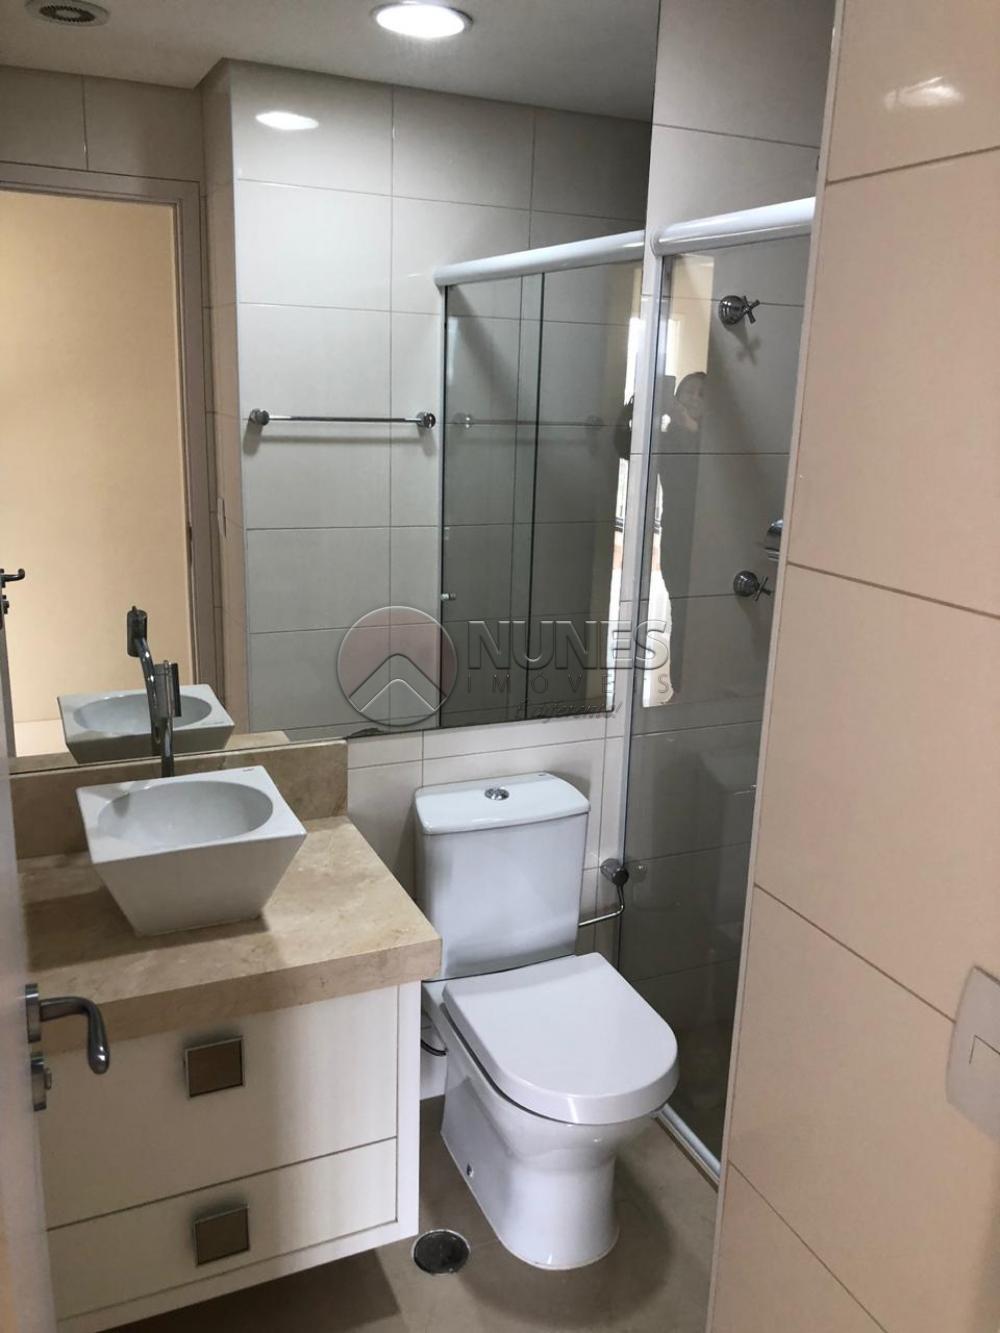 Comprar Apartamento / Padrão em Barueri apenas R$ 520.000,00 - Foto 18